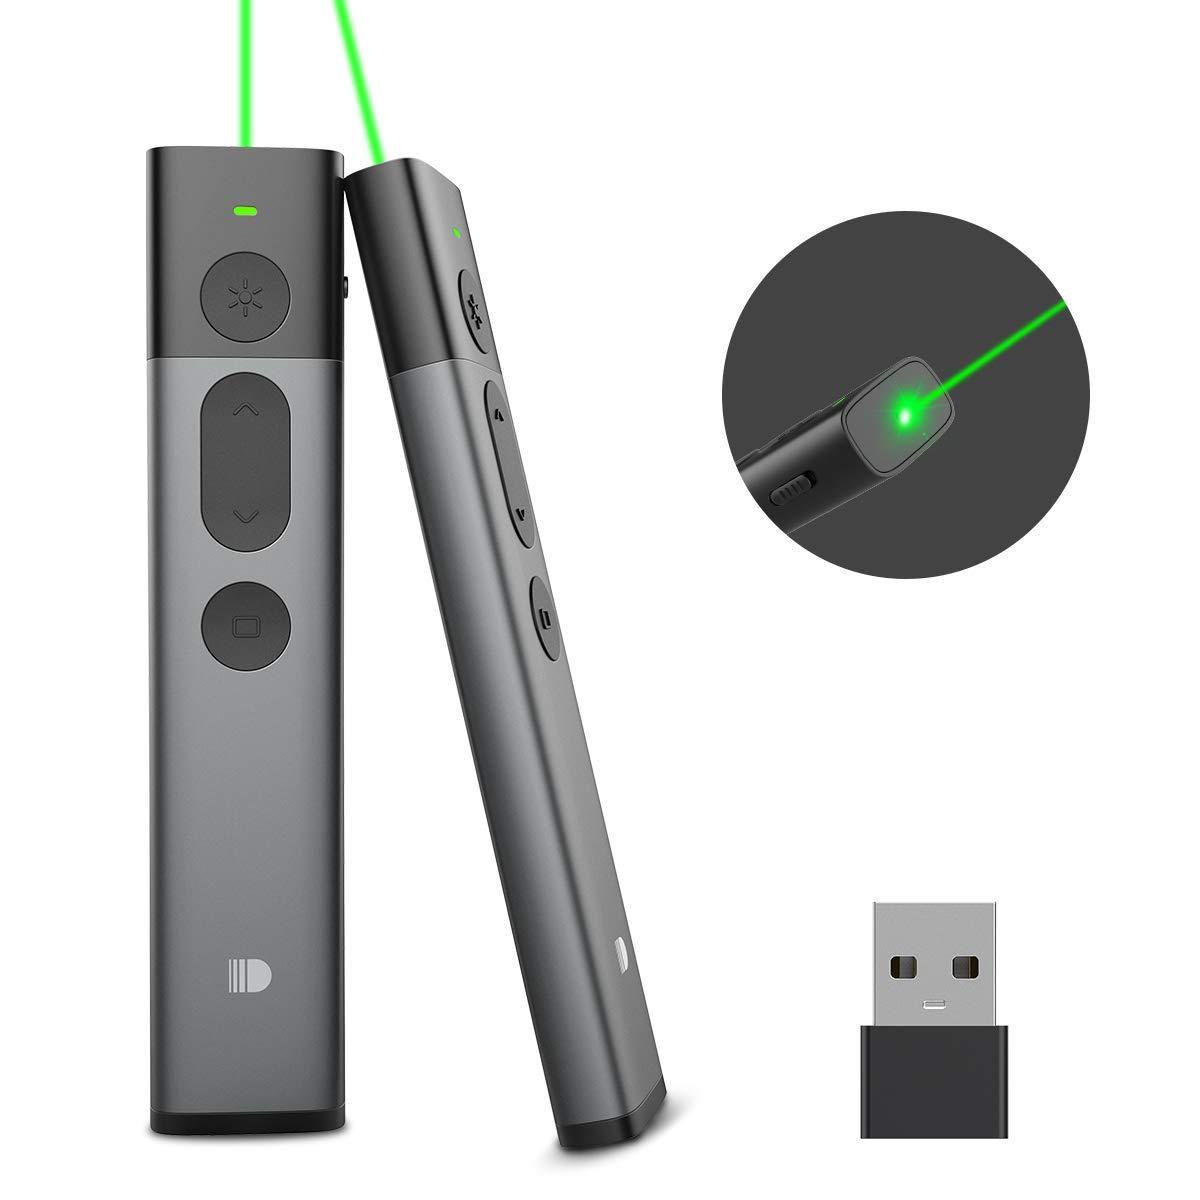 Puntero Laser Verde, Doosl Metal Mando Presentaciones con Puntero Presentaciones PC, Control Remoto de